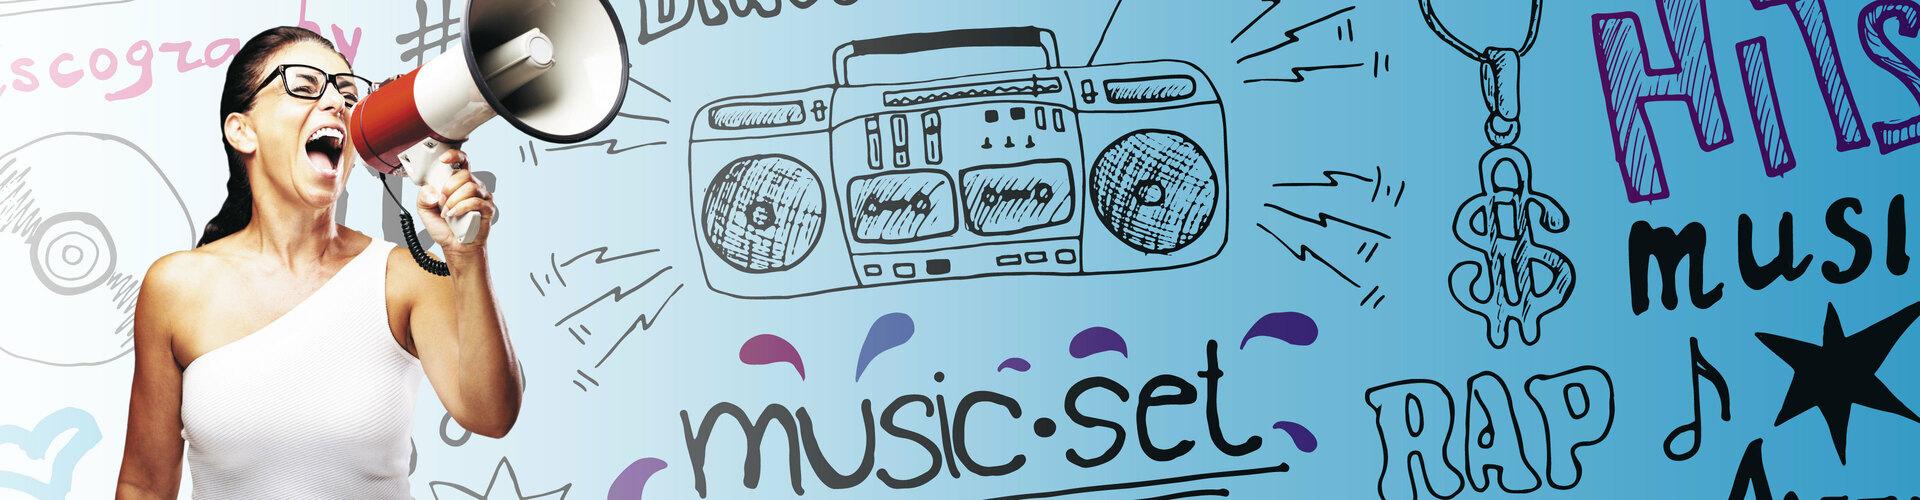 Mach-Dein-Radio-Star! Die Nominierten 2019